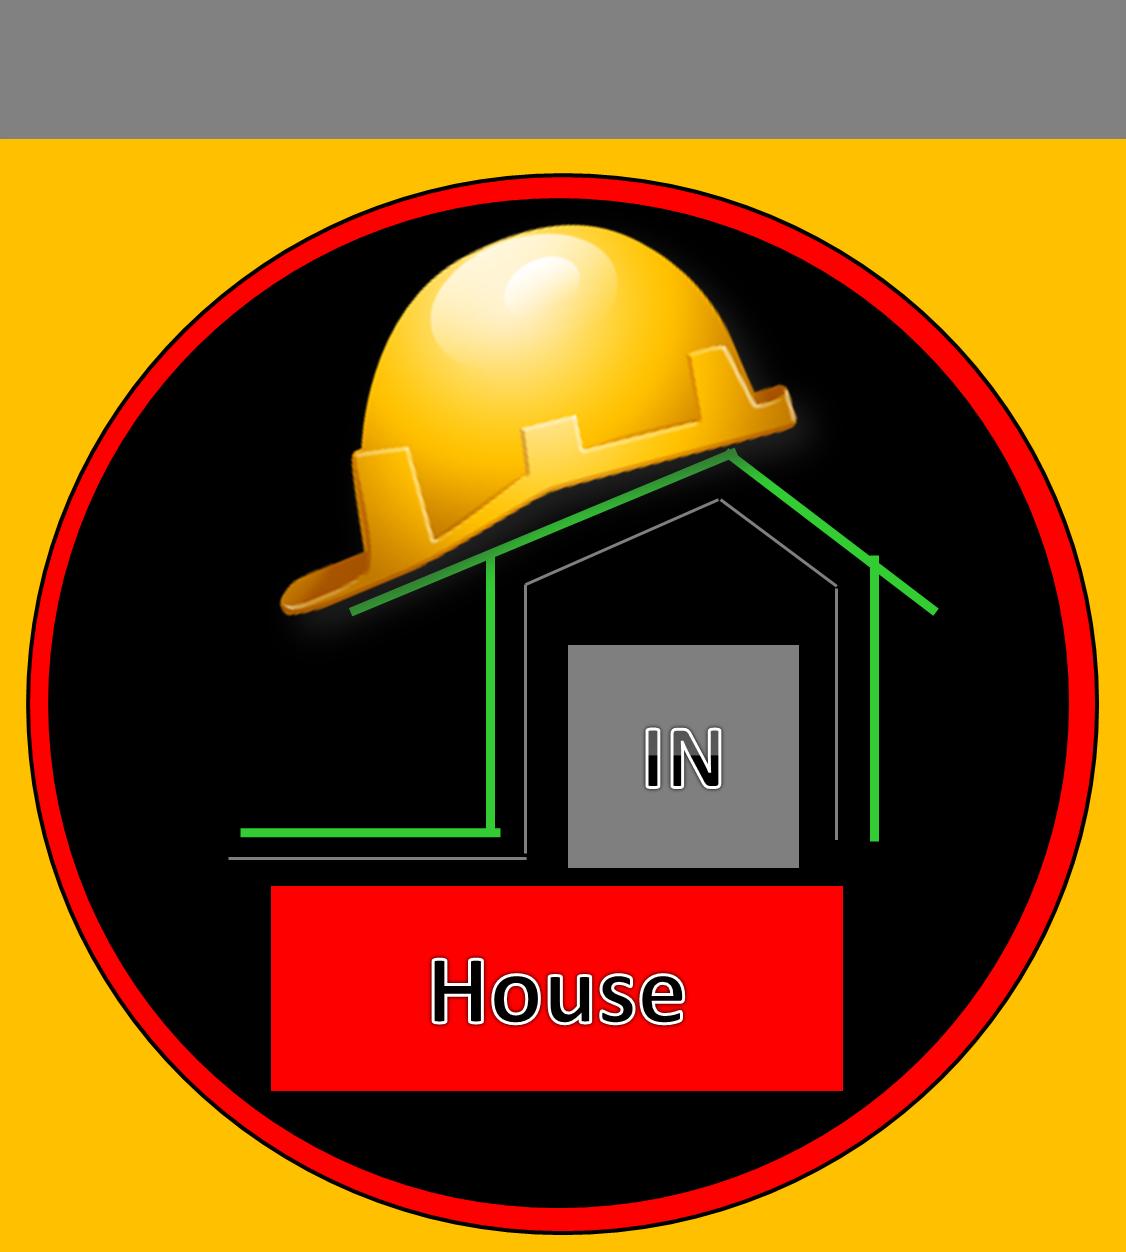 Construcciones y Suministros In House